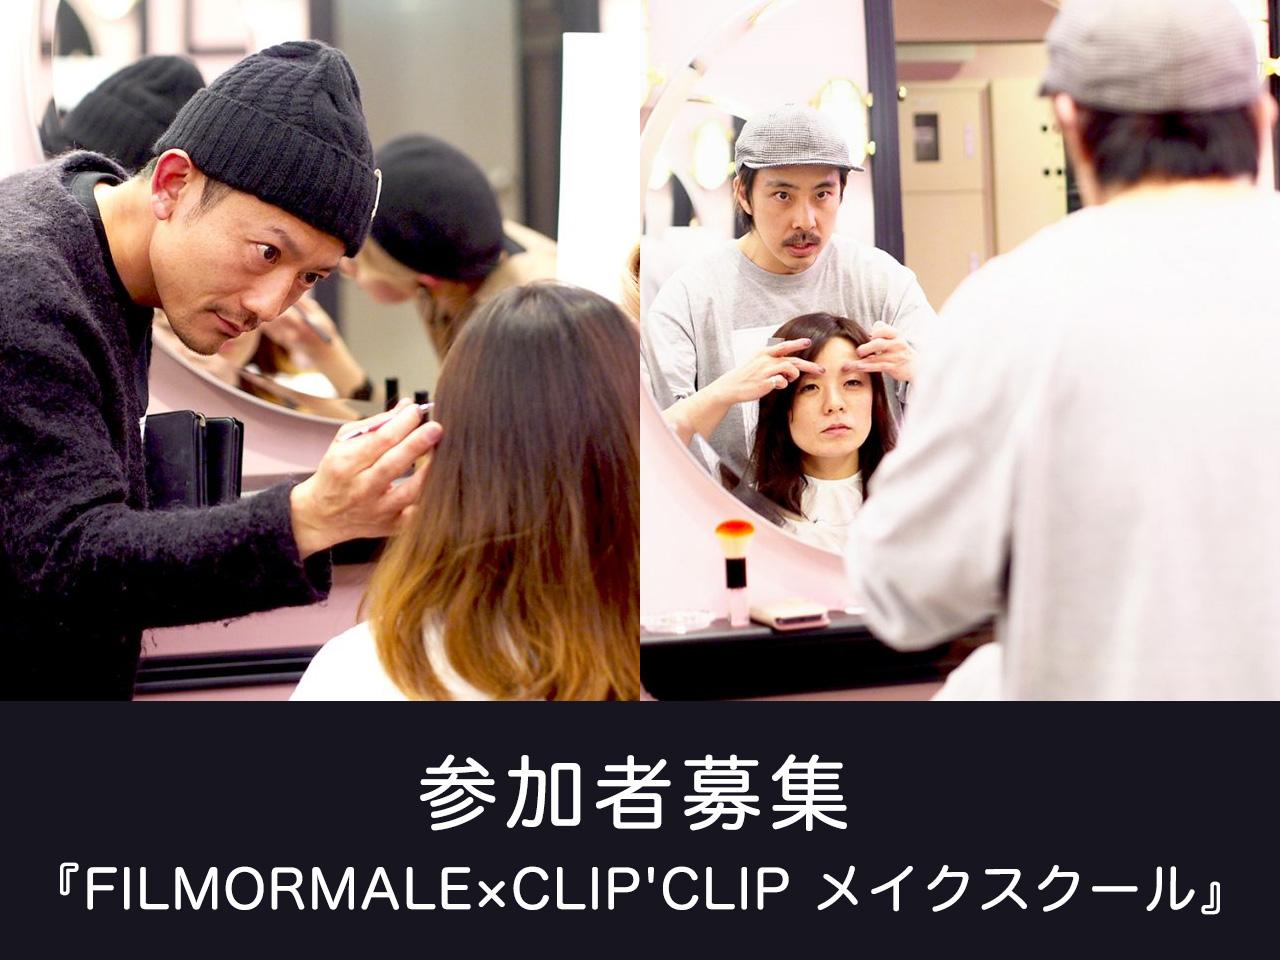 FILMORMALE×CLIP'CLIP メイクスクール 眉の描き方 アイブロウ ザ・ボディショップ アイシャドウ